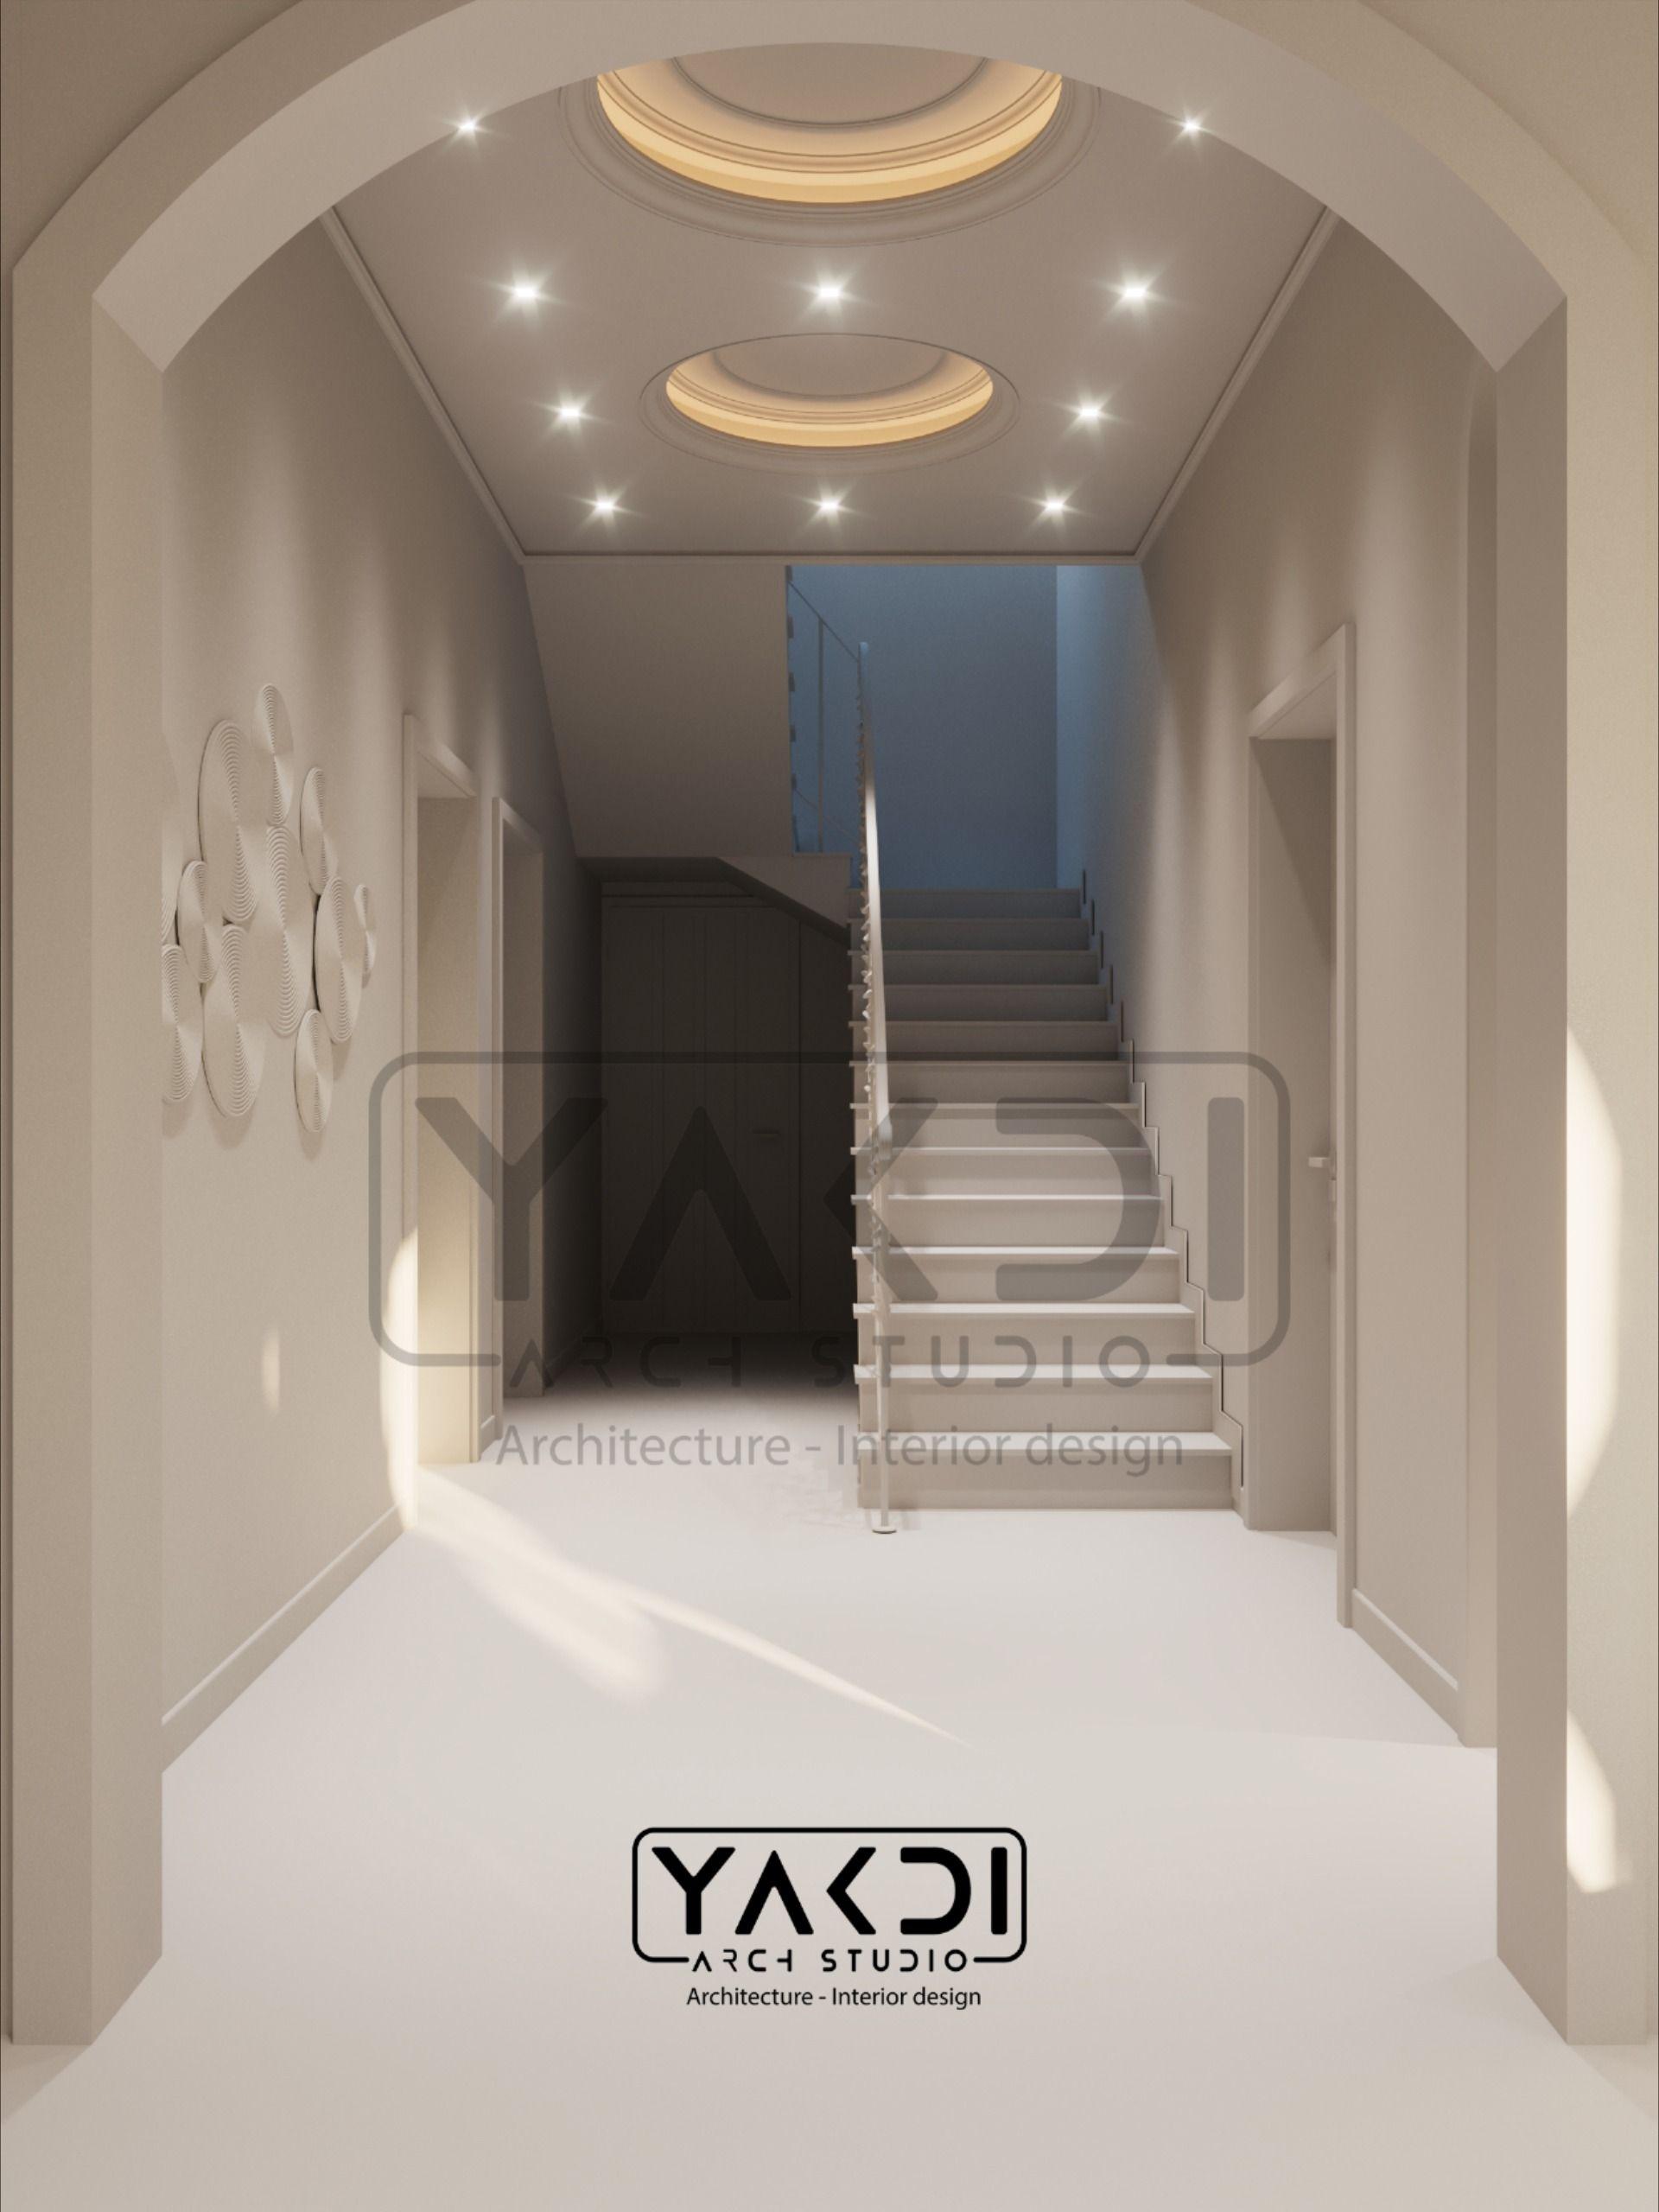 Corridor Stairs درج In 2020 Interior Architecture Design Interior Architecture Studios Architecture